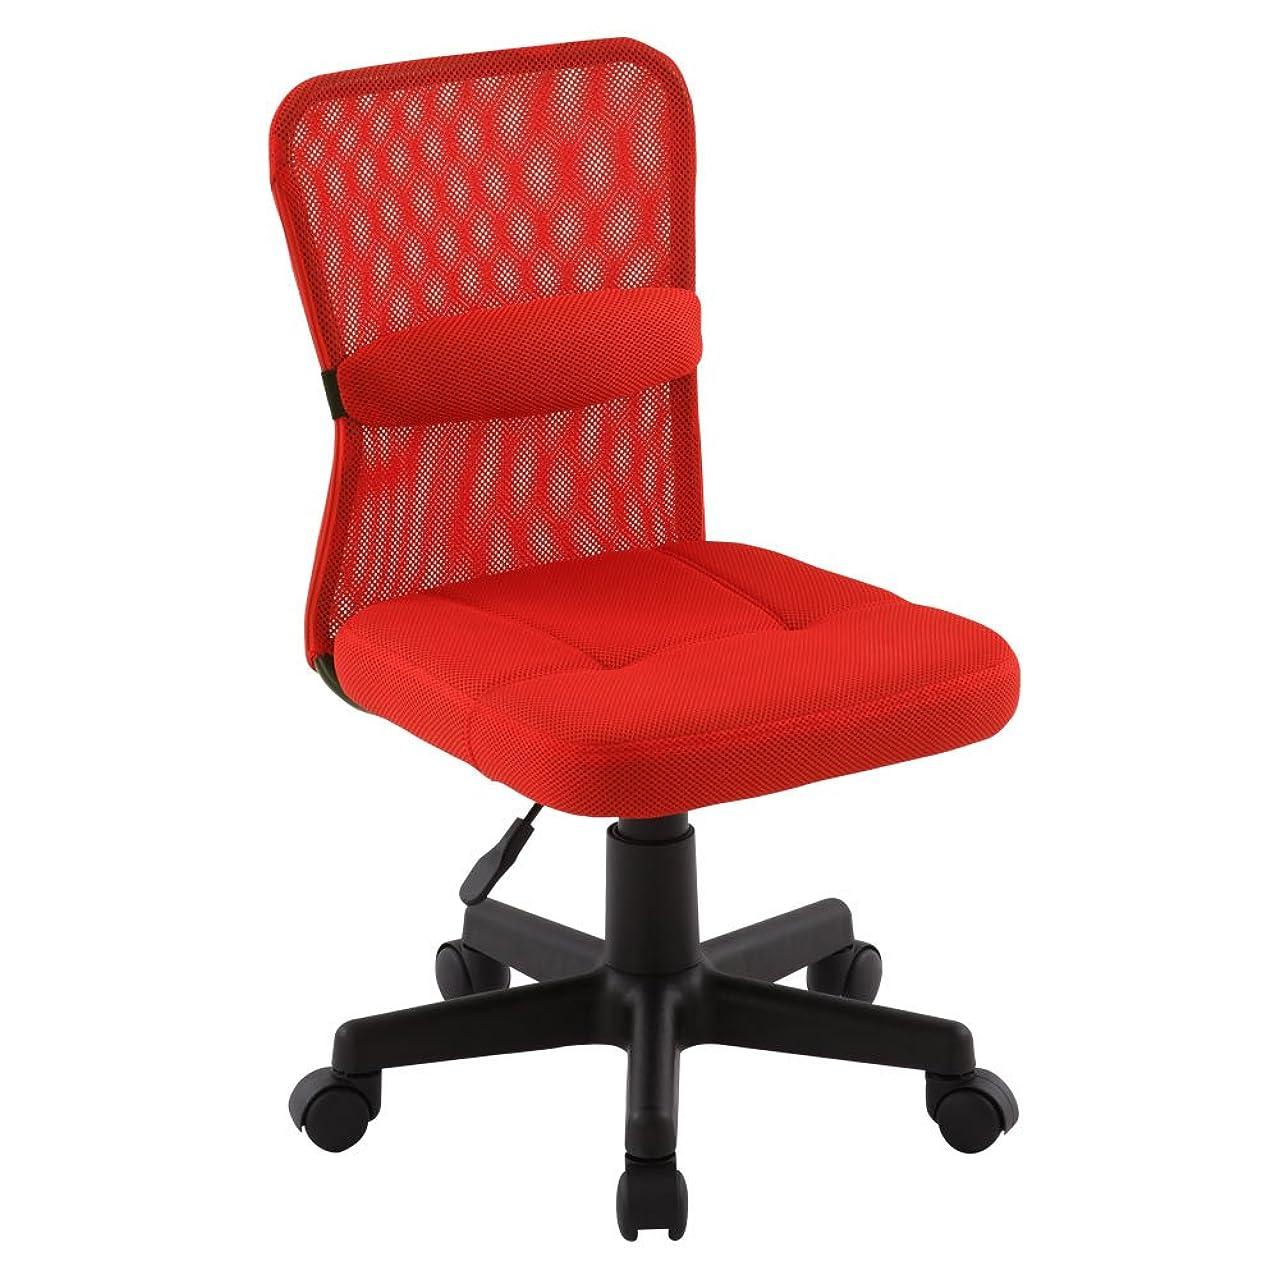 無駄な抑止する無効にするぼん家具 オフィスチェア メッシュ クッション付き ハイバック デスクチェア チェア 椅子 レッド